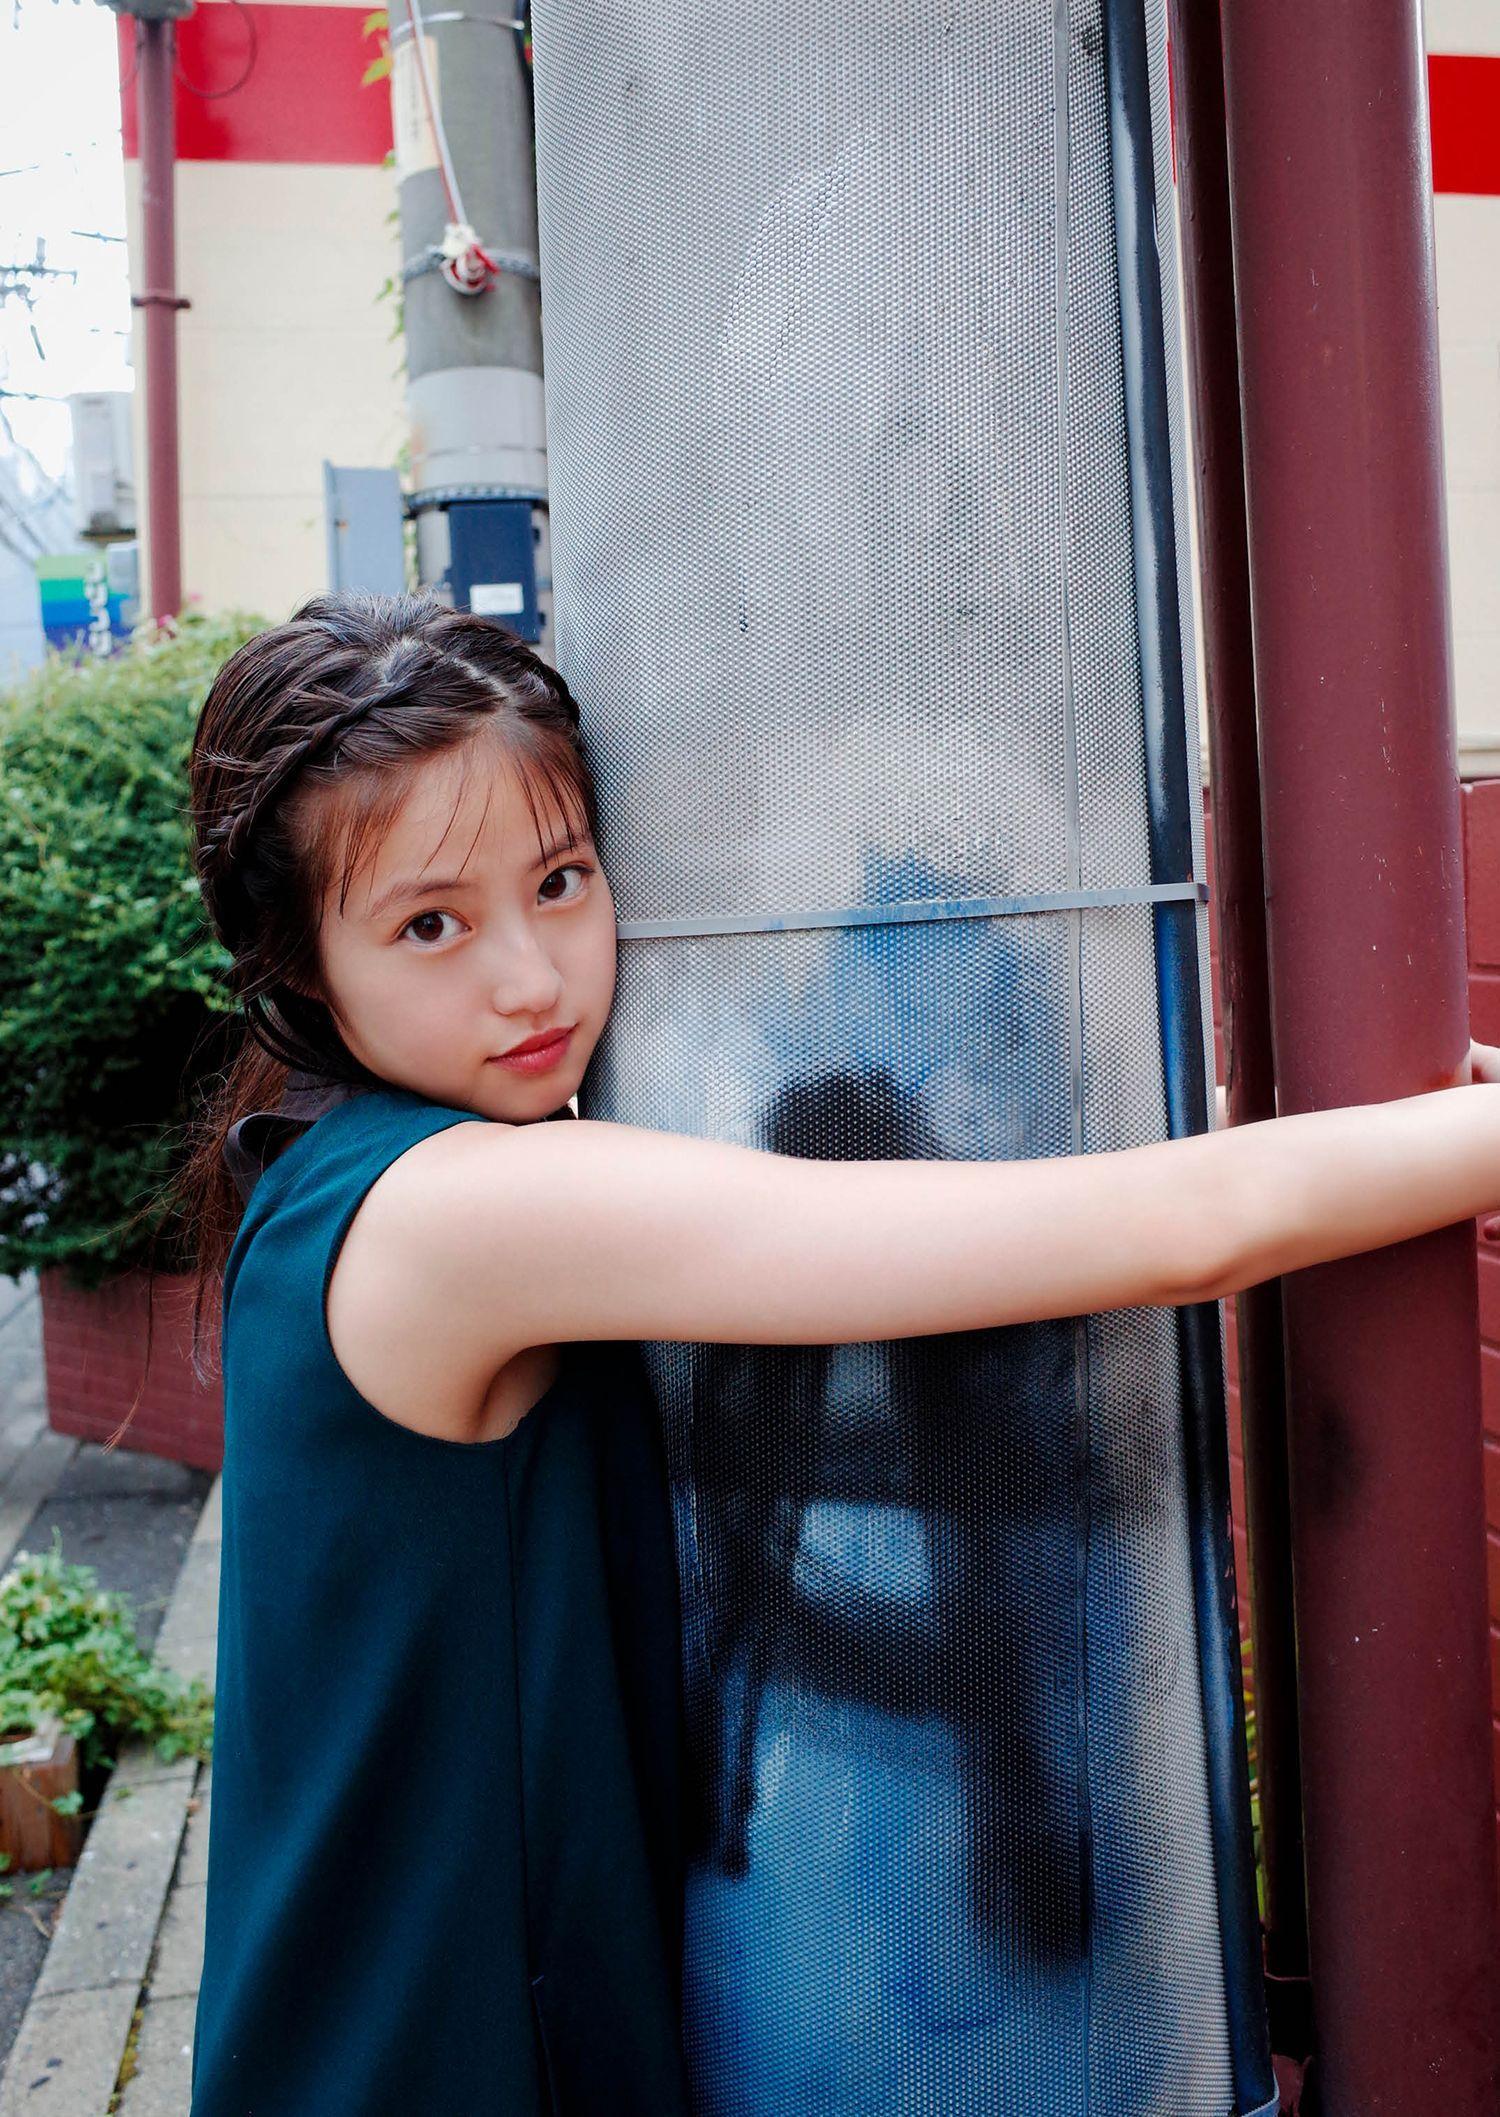 今田美樱Weekly Playboy写真集「スタミナ」 养眼图片 第15张